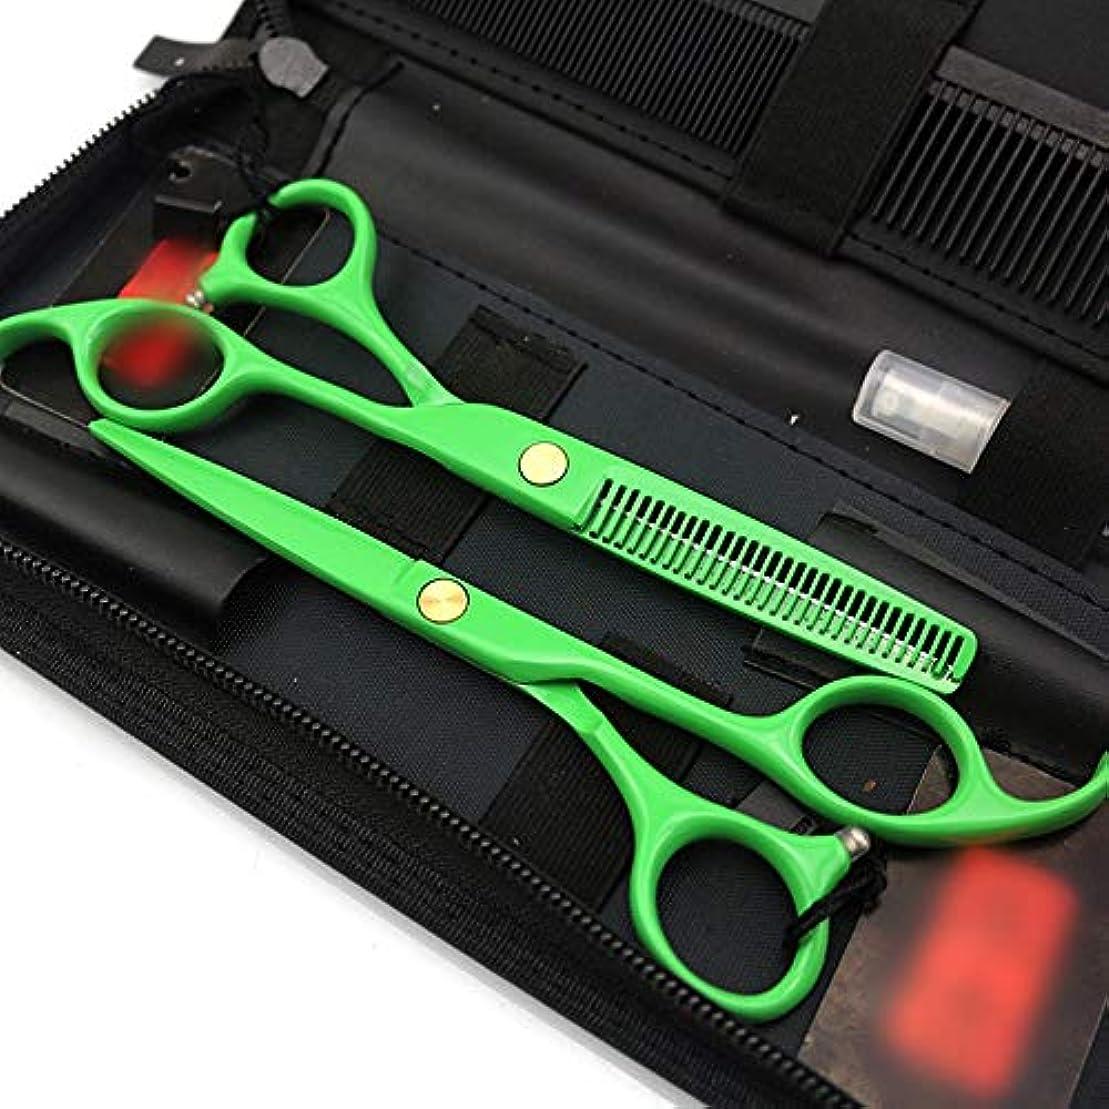 シャワー毎週バッフル理髪用はさみ 5.5インチプロフェッショナル理髪はさみセット、電気メッキグリーンフラット+はさみセットヘアカットはさみステンレス理髪はさみ (色 : オレンジ)